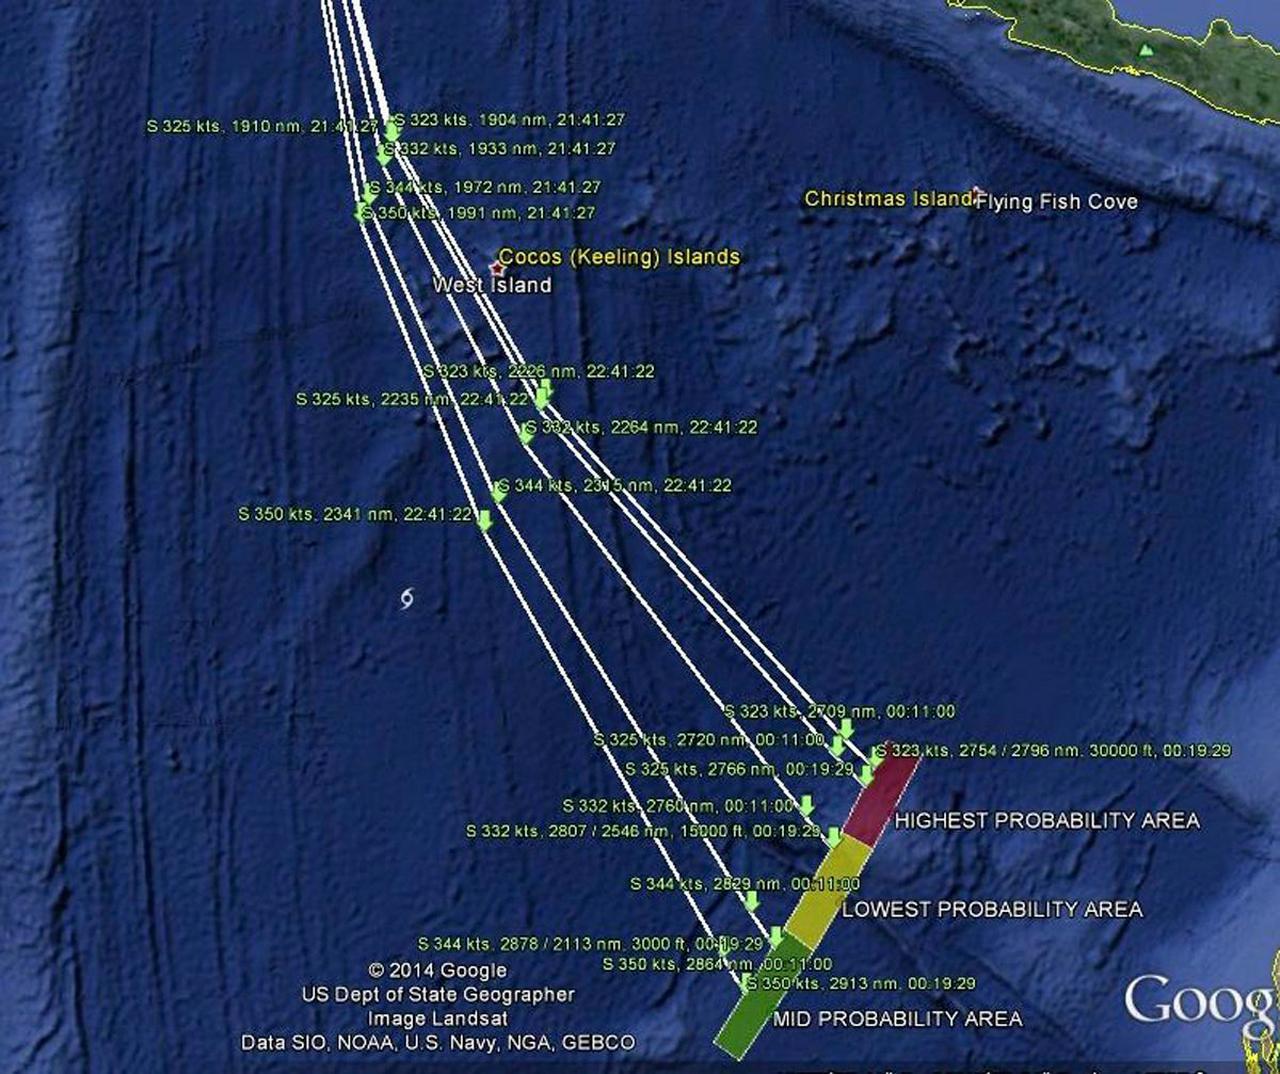 จุดสุดท้ายที่เรดาร์ตรวจจับเอ็มเอช 370 ได้คือทางตอนใต้ของมหาสมุทรอินเดีย